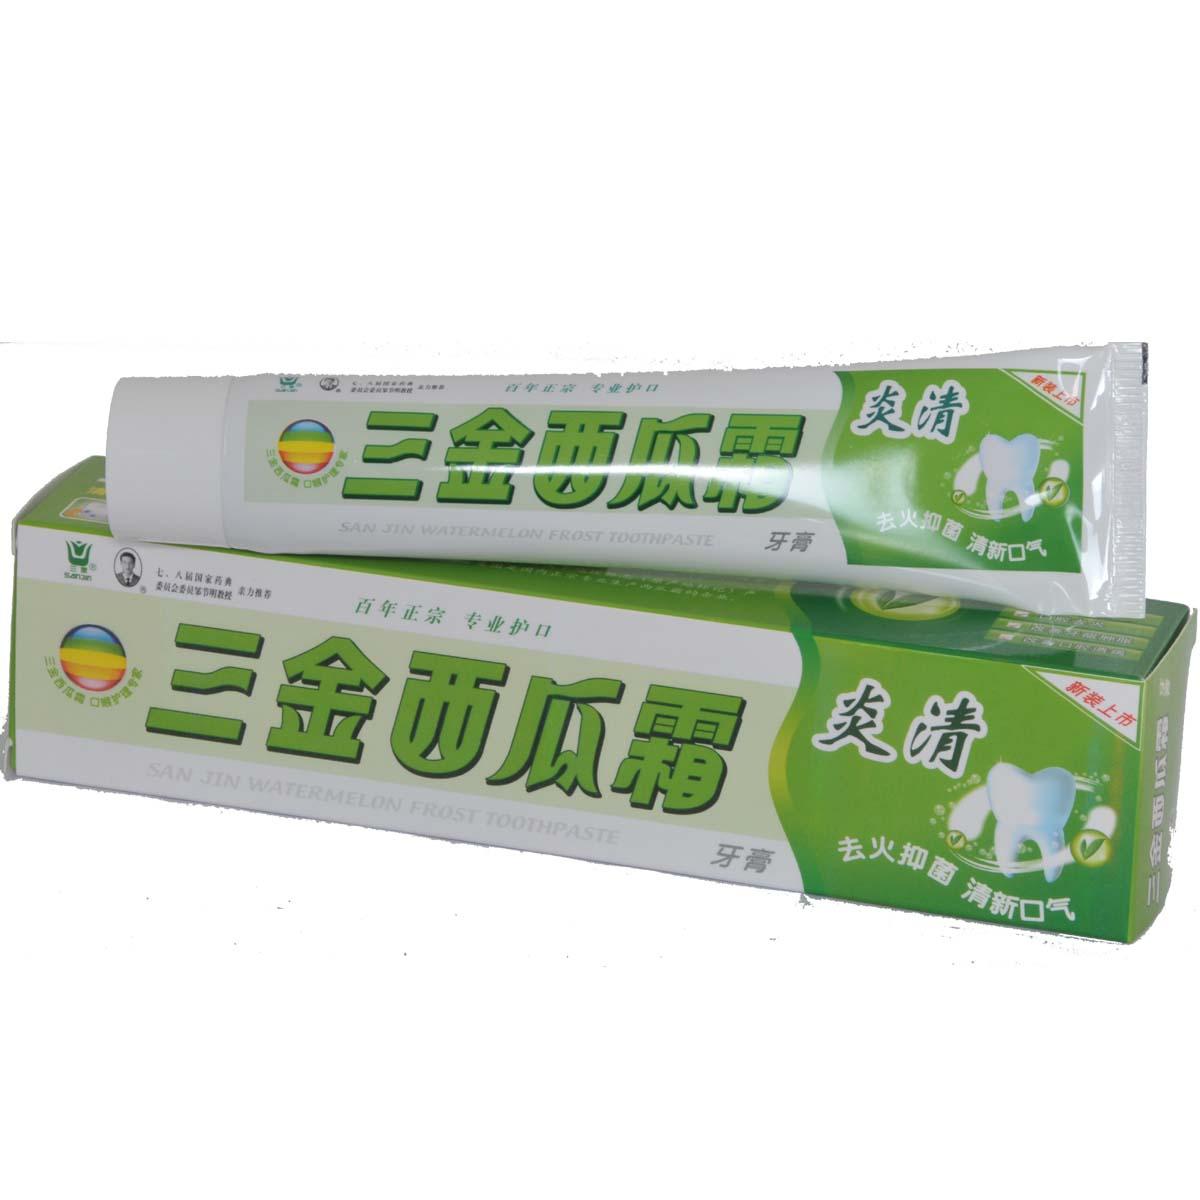 三金西瓜霜-炎清牙膏